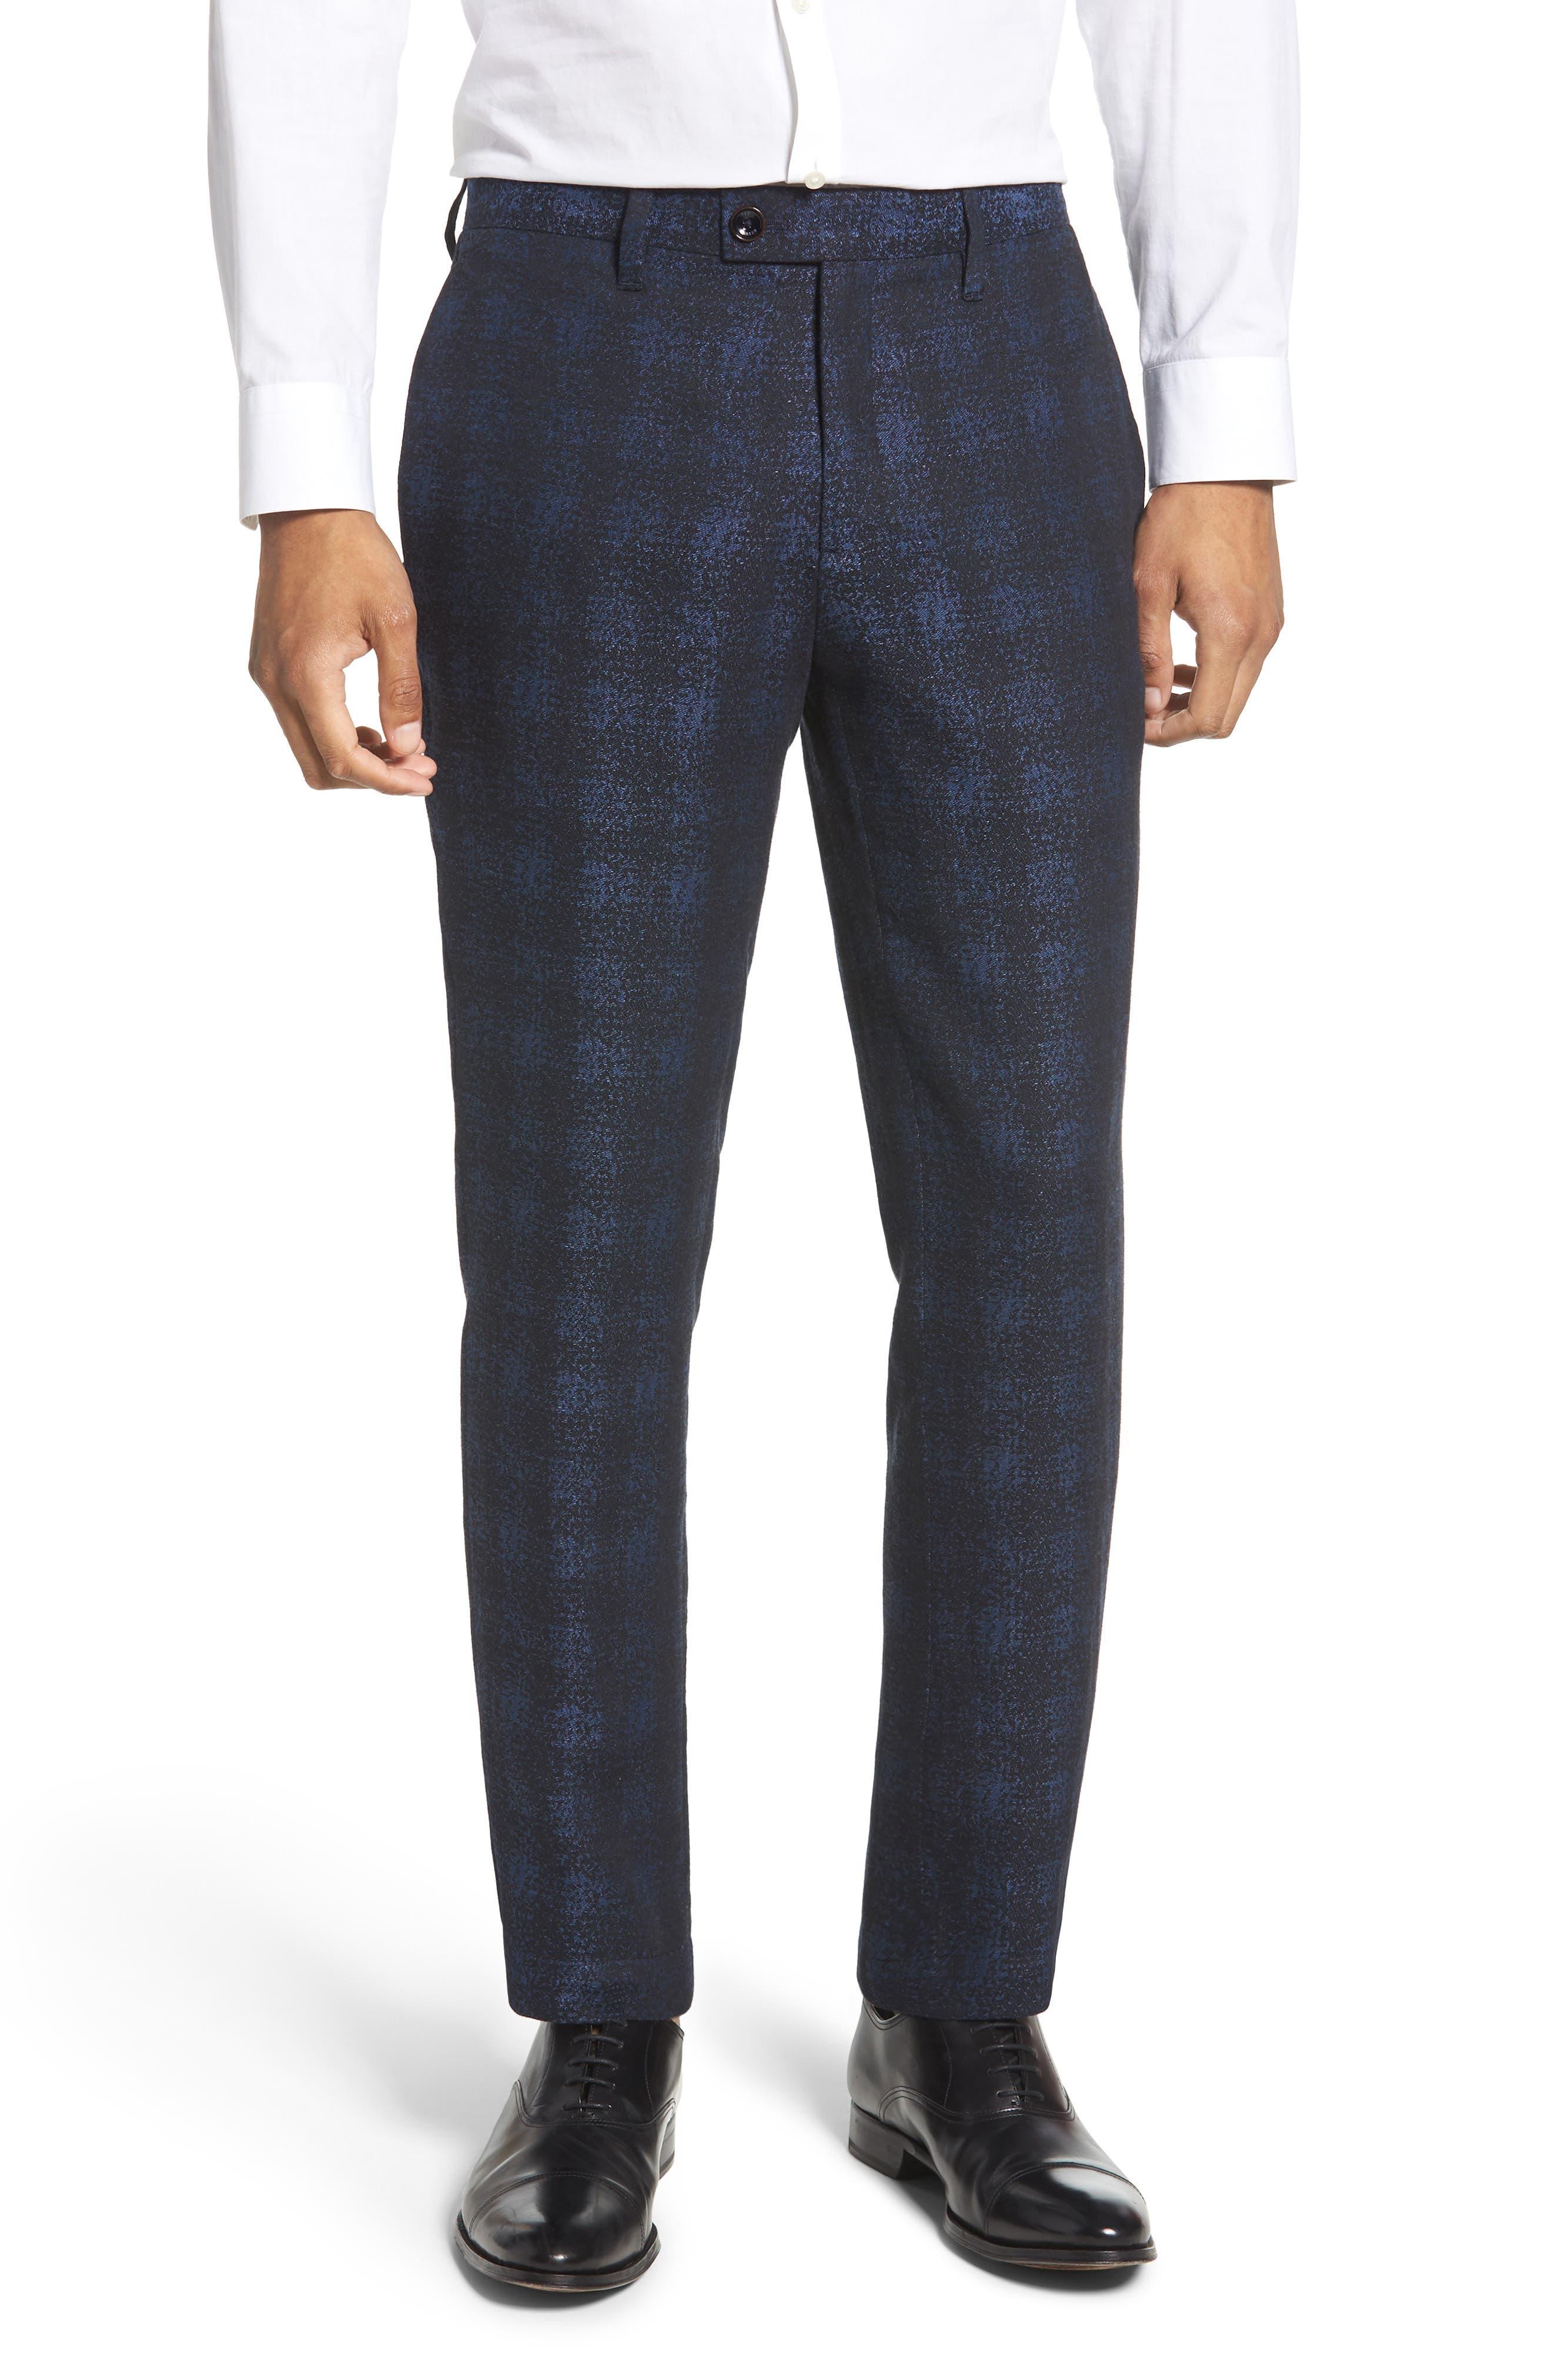 Ted Baker London Dortro Flat Front Plaid Cotton Blend Pants